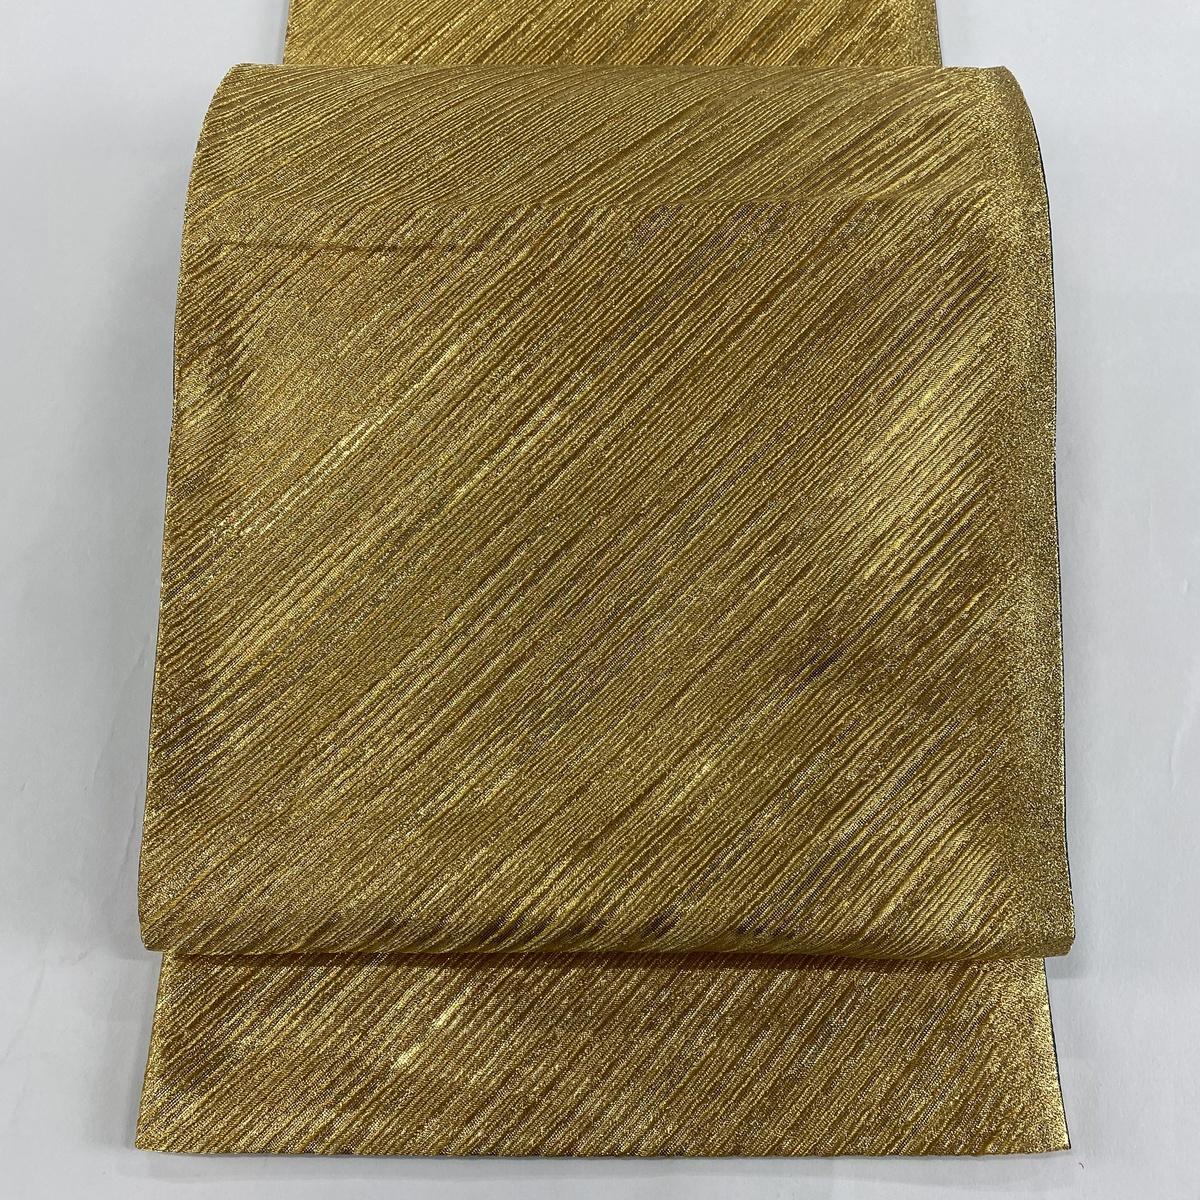 袋帯 美品 秀品 振袖向き 斜縞 金糸 箔 金色 全通 正絹 【中古】